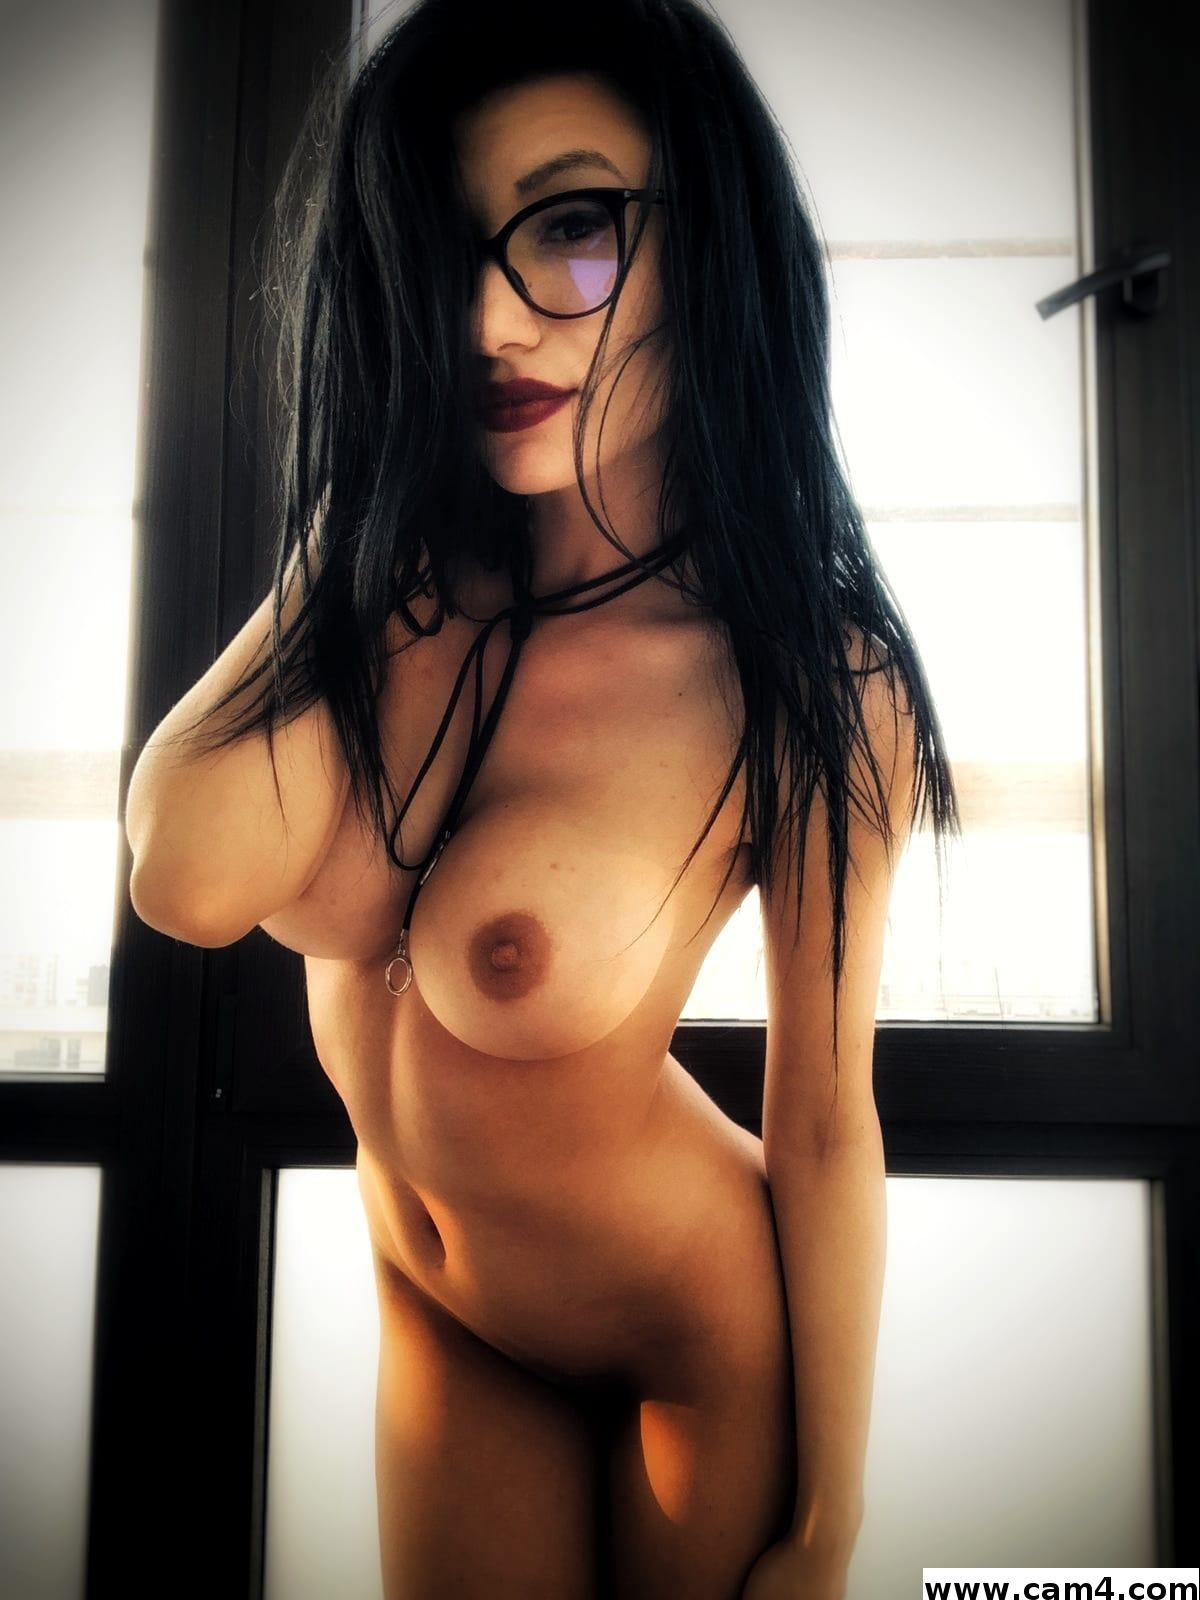 deutsche webcam pornos